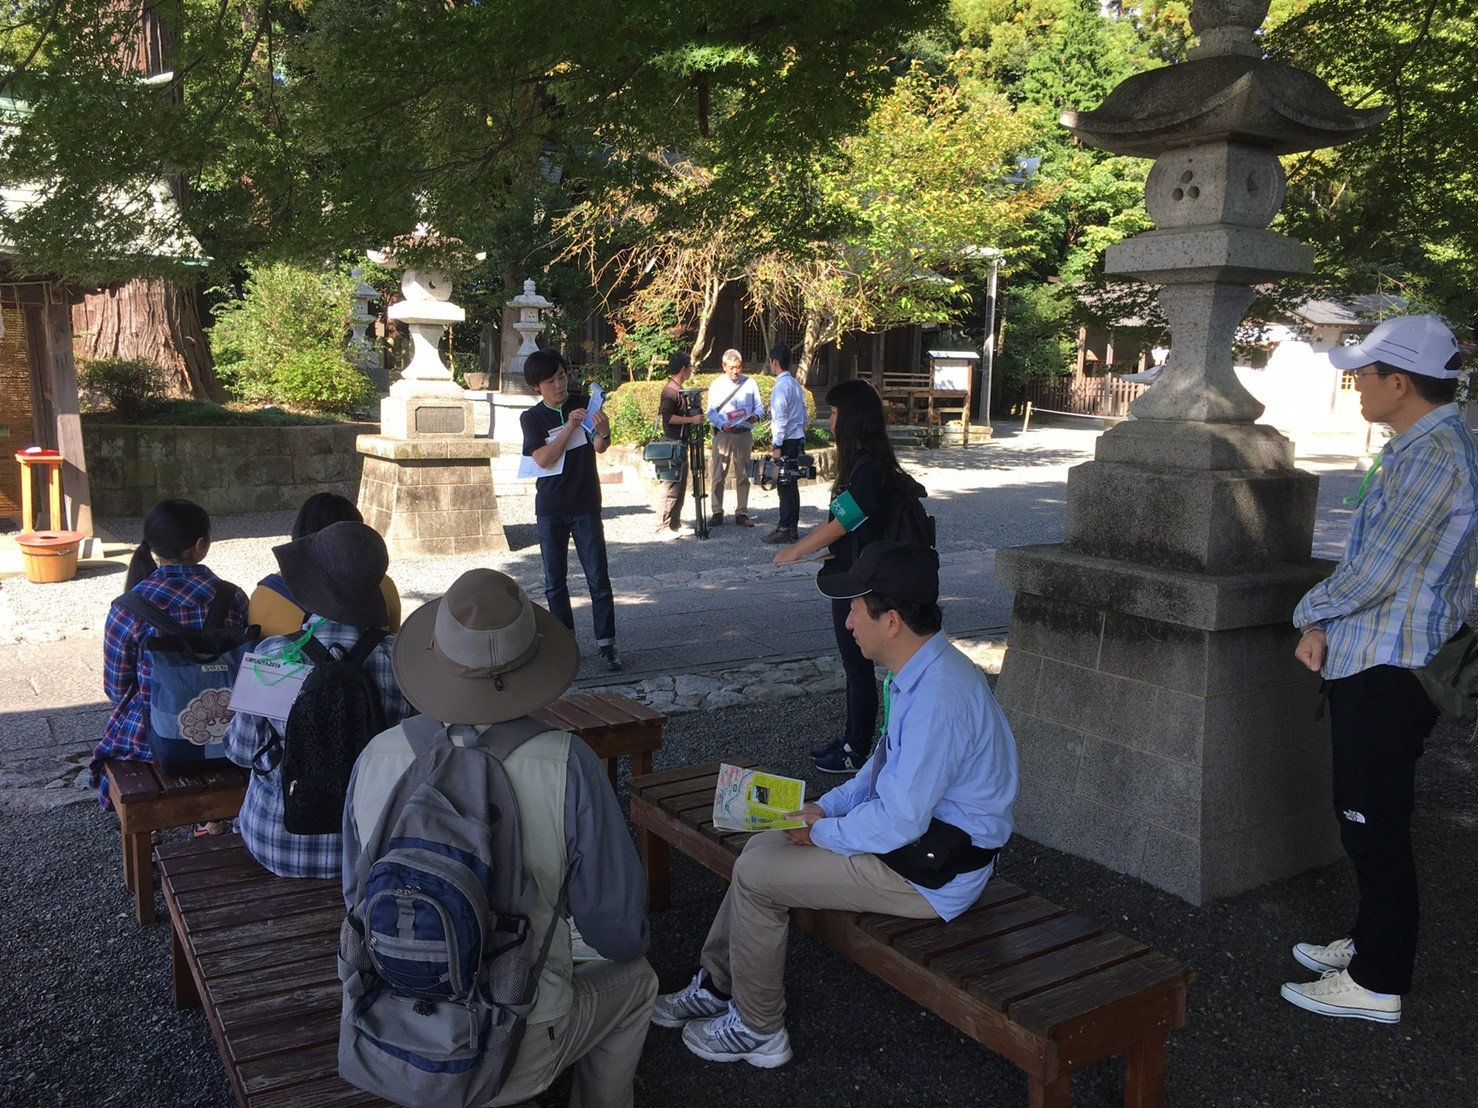 芝浦工業大学の学生団体が福島県勿来(なこそ)地区で謎解きまちあるきイベントを開催